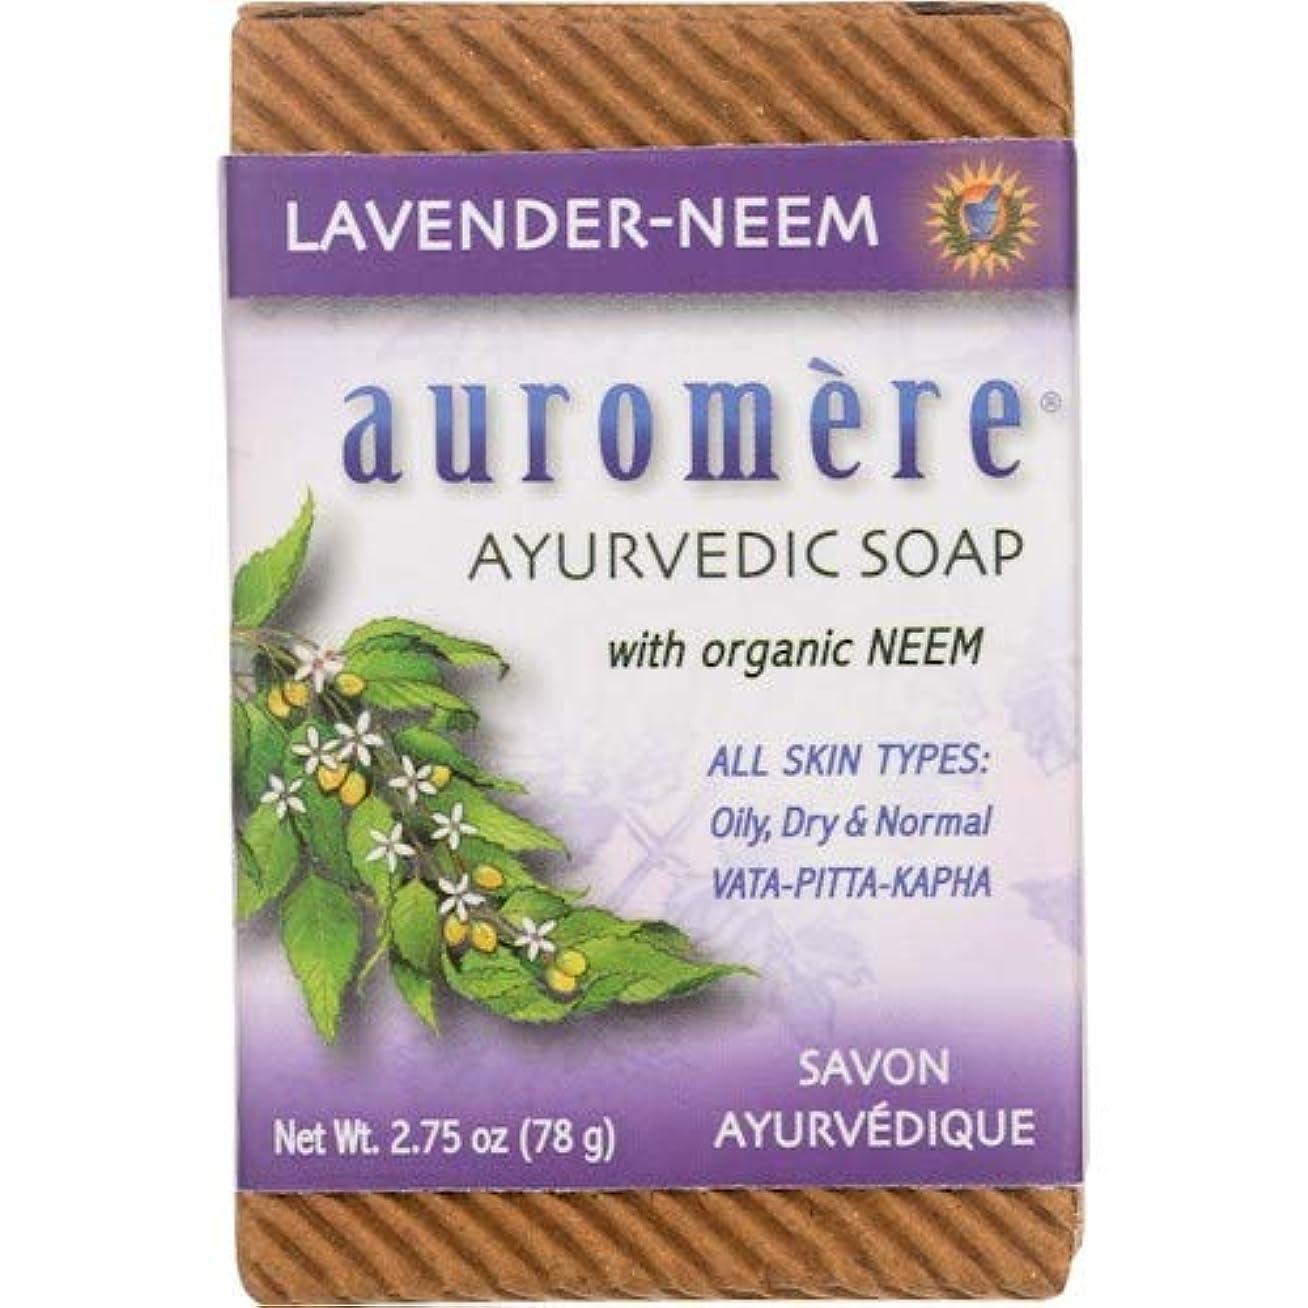 発音する生産性カナダオーロメア (Auromere) アーユルヴェーダ 石鹸/ラベンダー?ニーム 78g 6+1個 セット